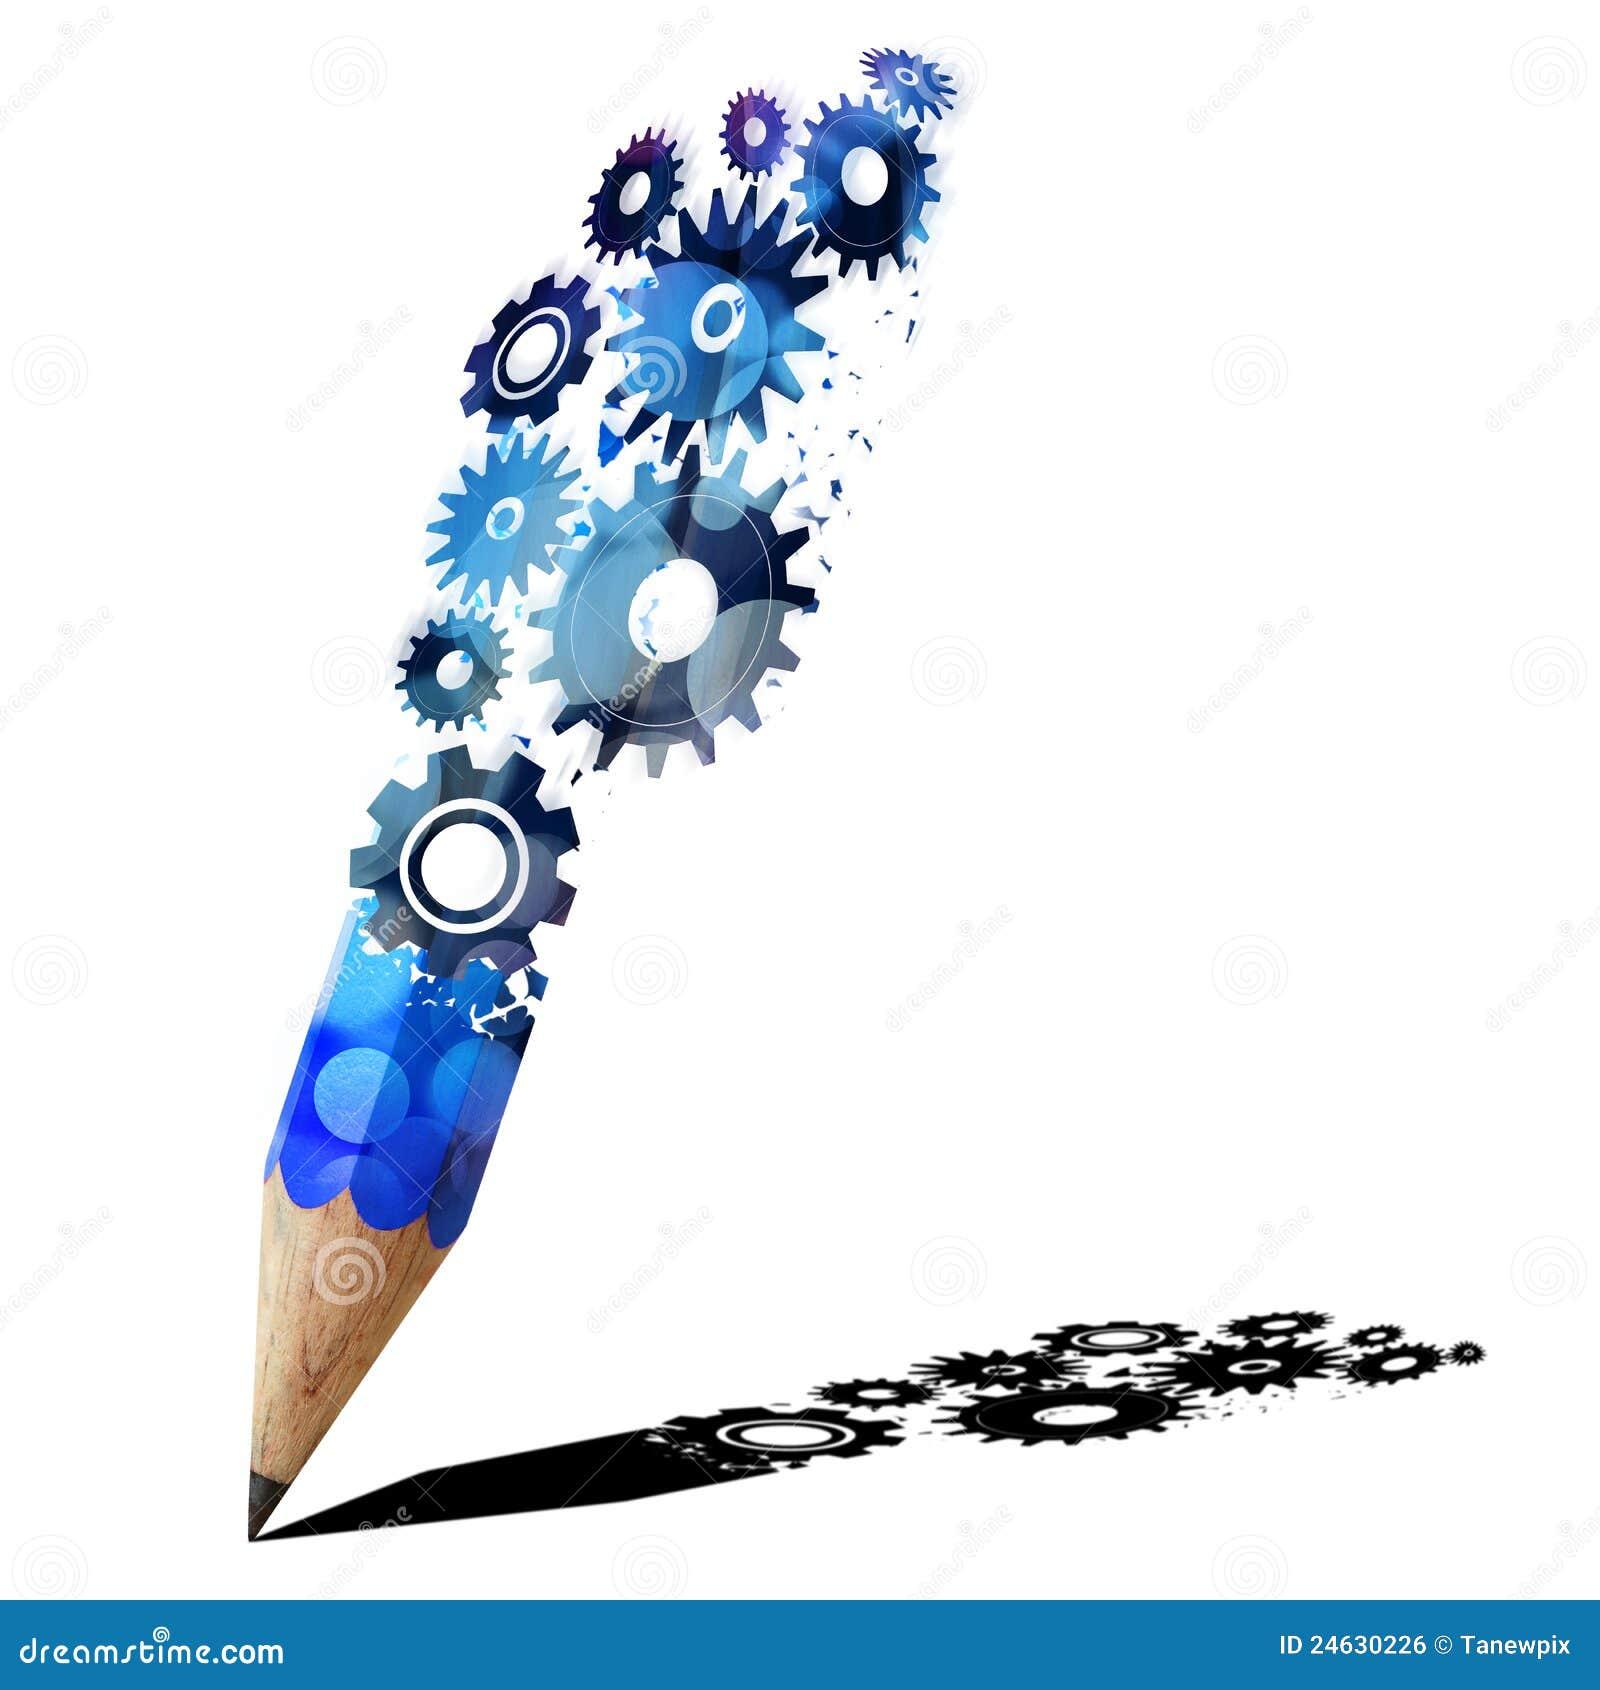 Blauw potlood creatief met toestellen.